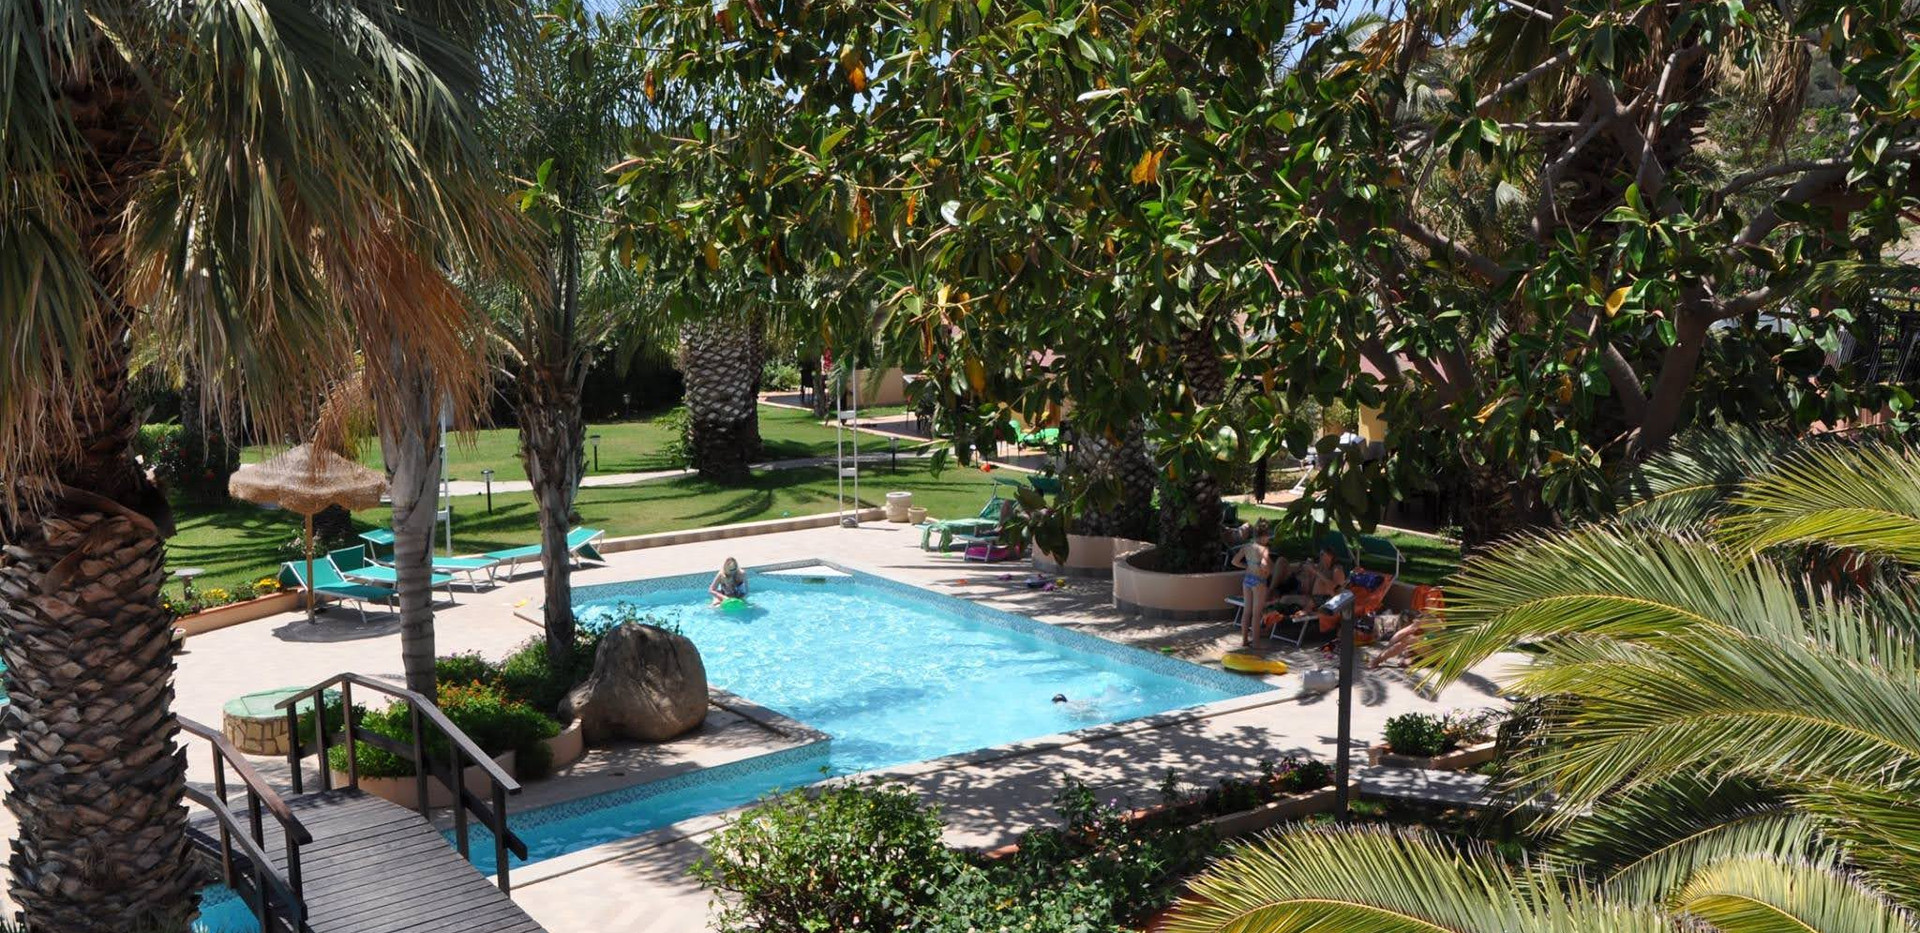 piscina green village resort 7.jpg